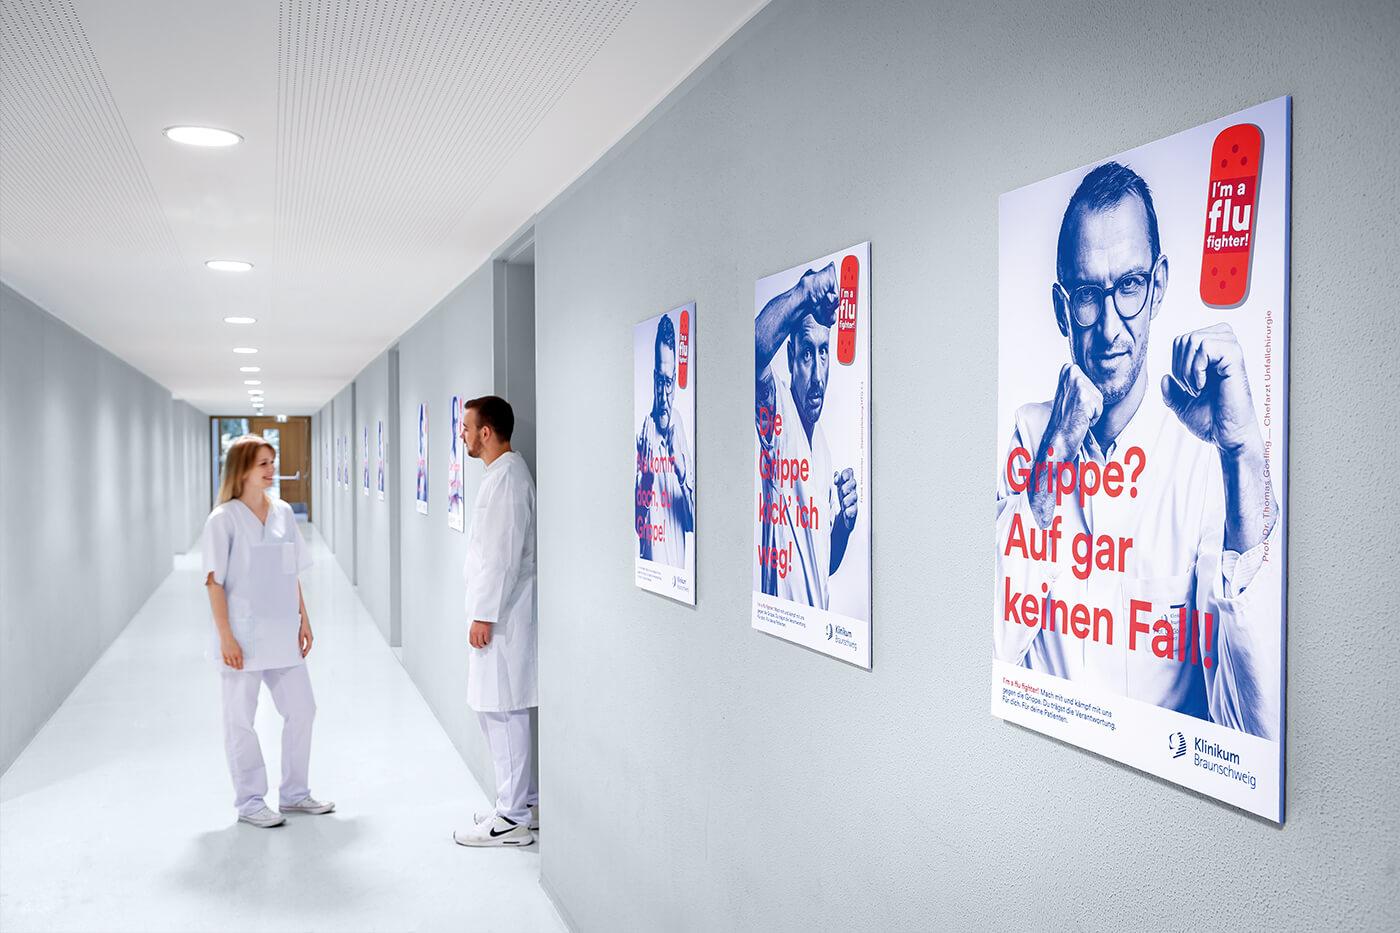 cyclos klinikum braunschweig kampagne flu fighter plakate